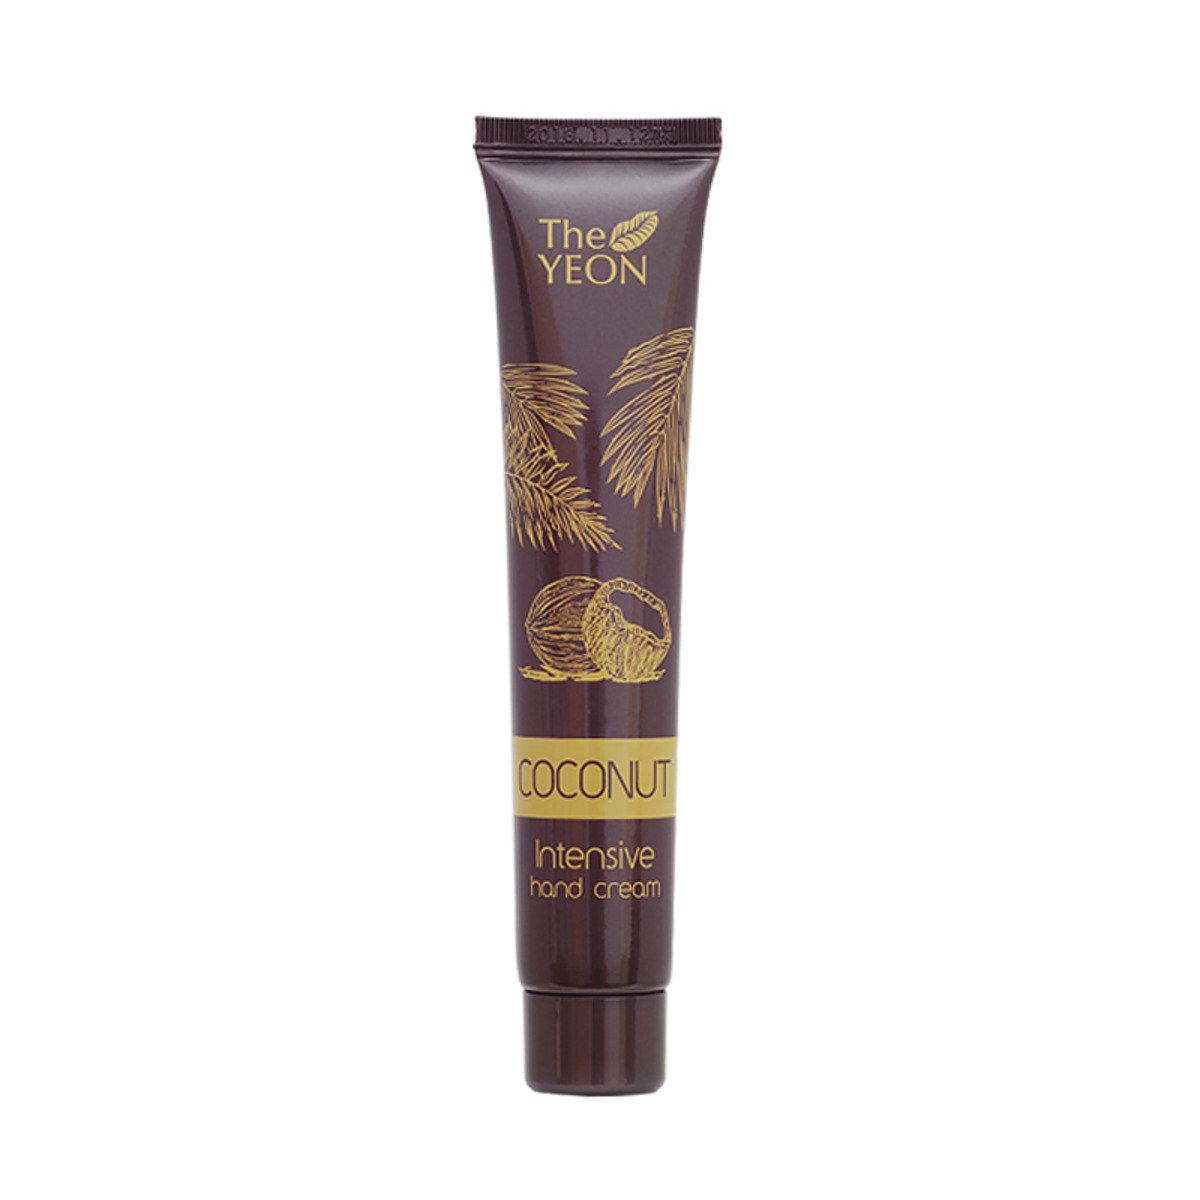 椰子油深層滋潤護手霜